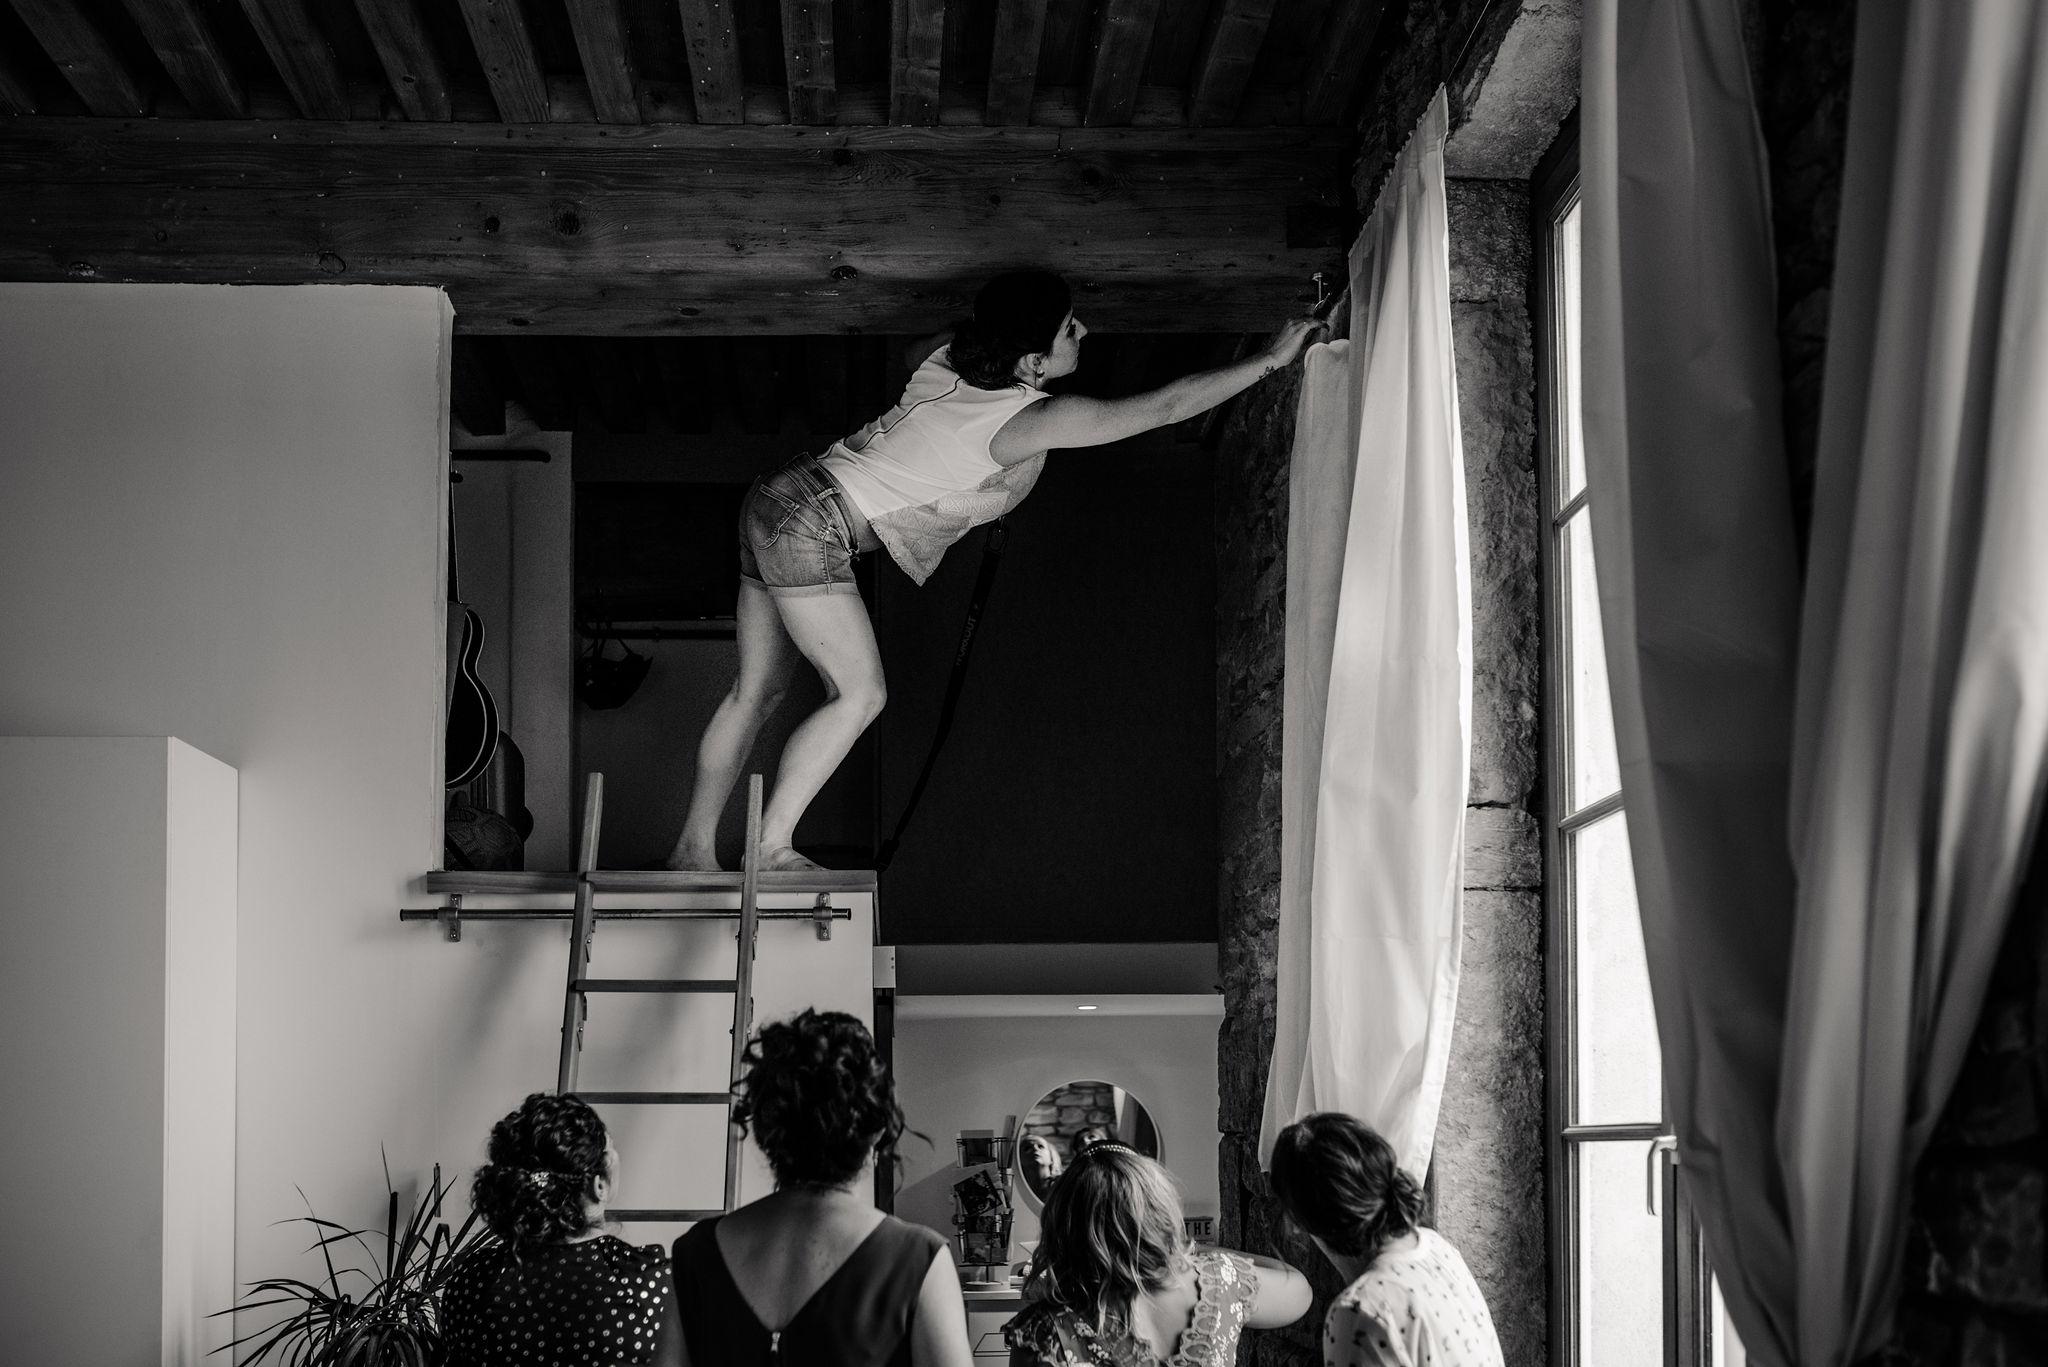 Léa-Fery-photographe-professionnel-lyon-rhone-alpes-portrait-creation-mariage-evenement-evenementiel-famille-5372.jpg